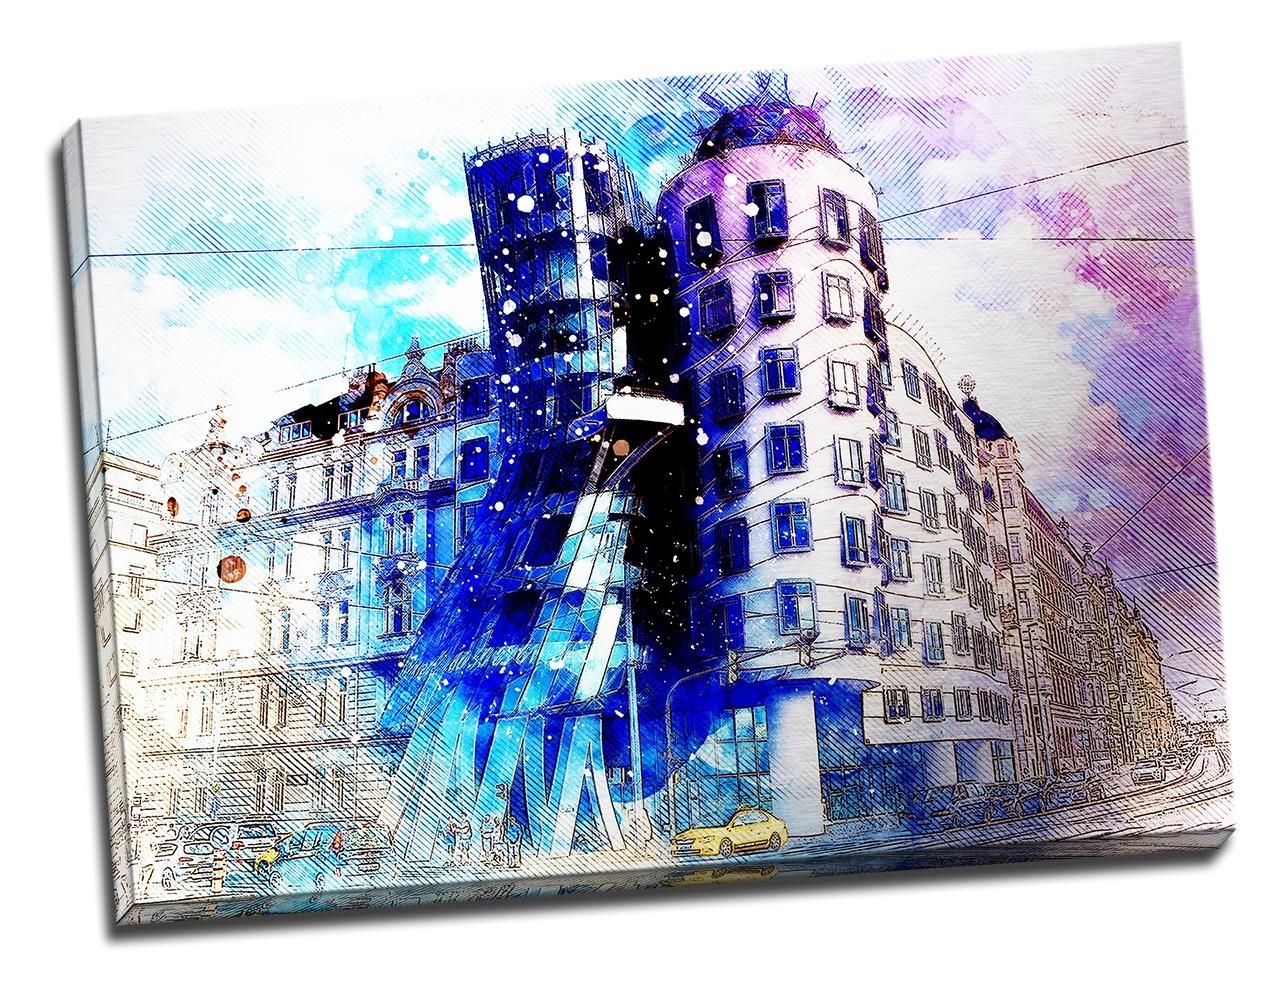 Tablou din aluminiu striat The Dancing House